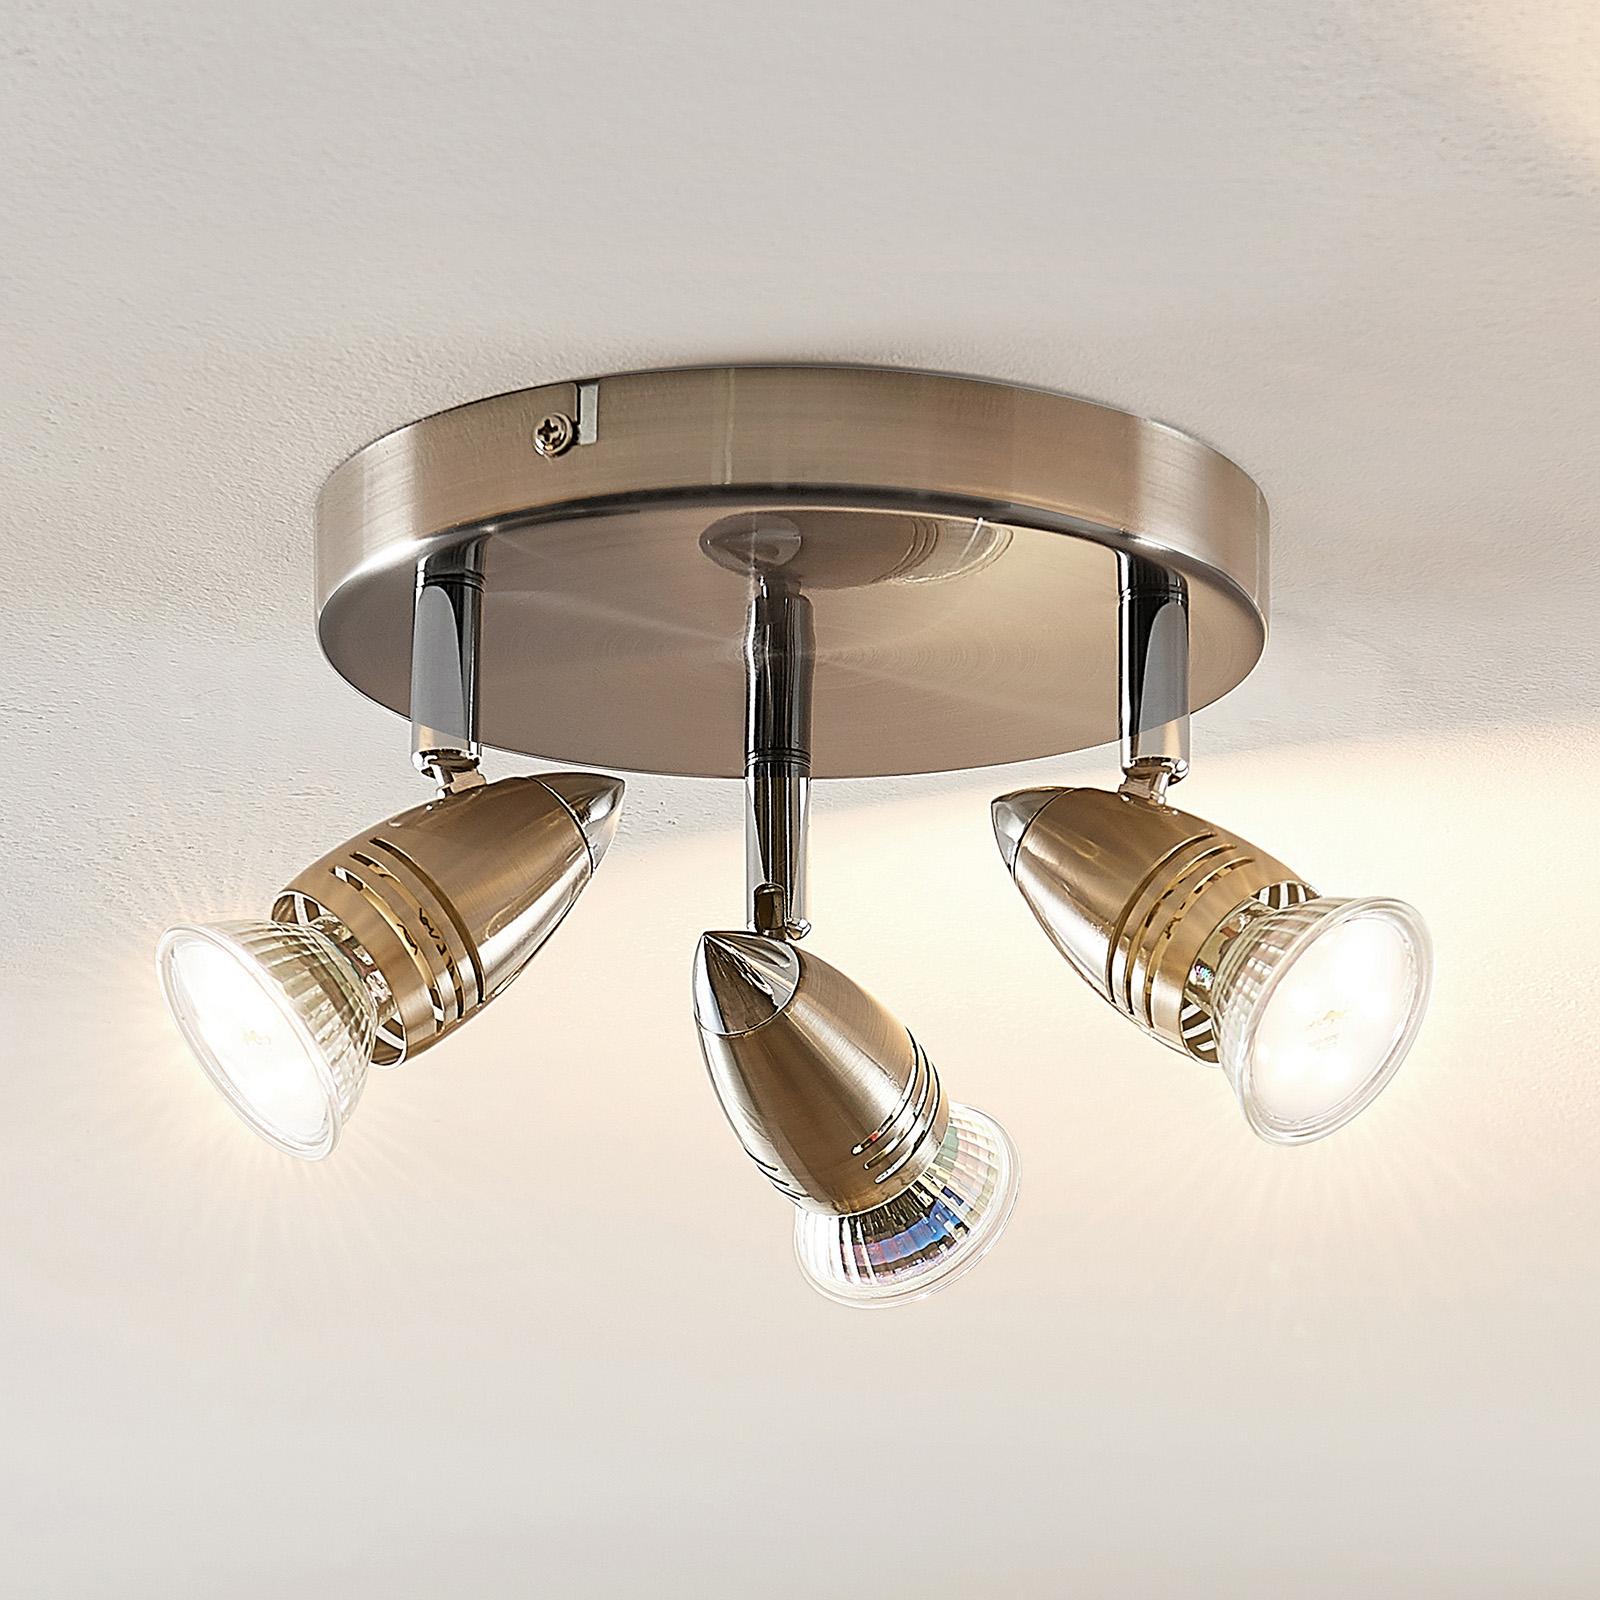 ELC Kalean LED-takspotlight, nickel, 3 lampor